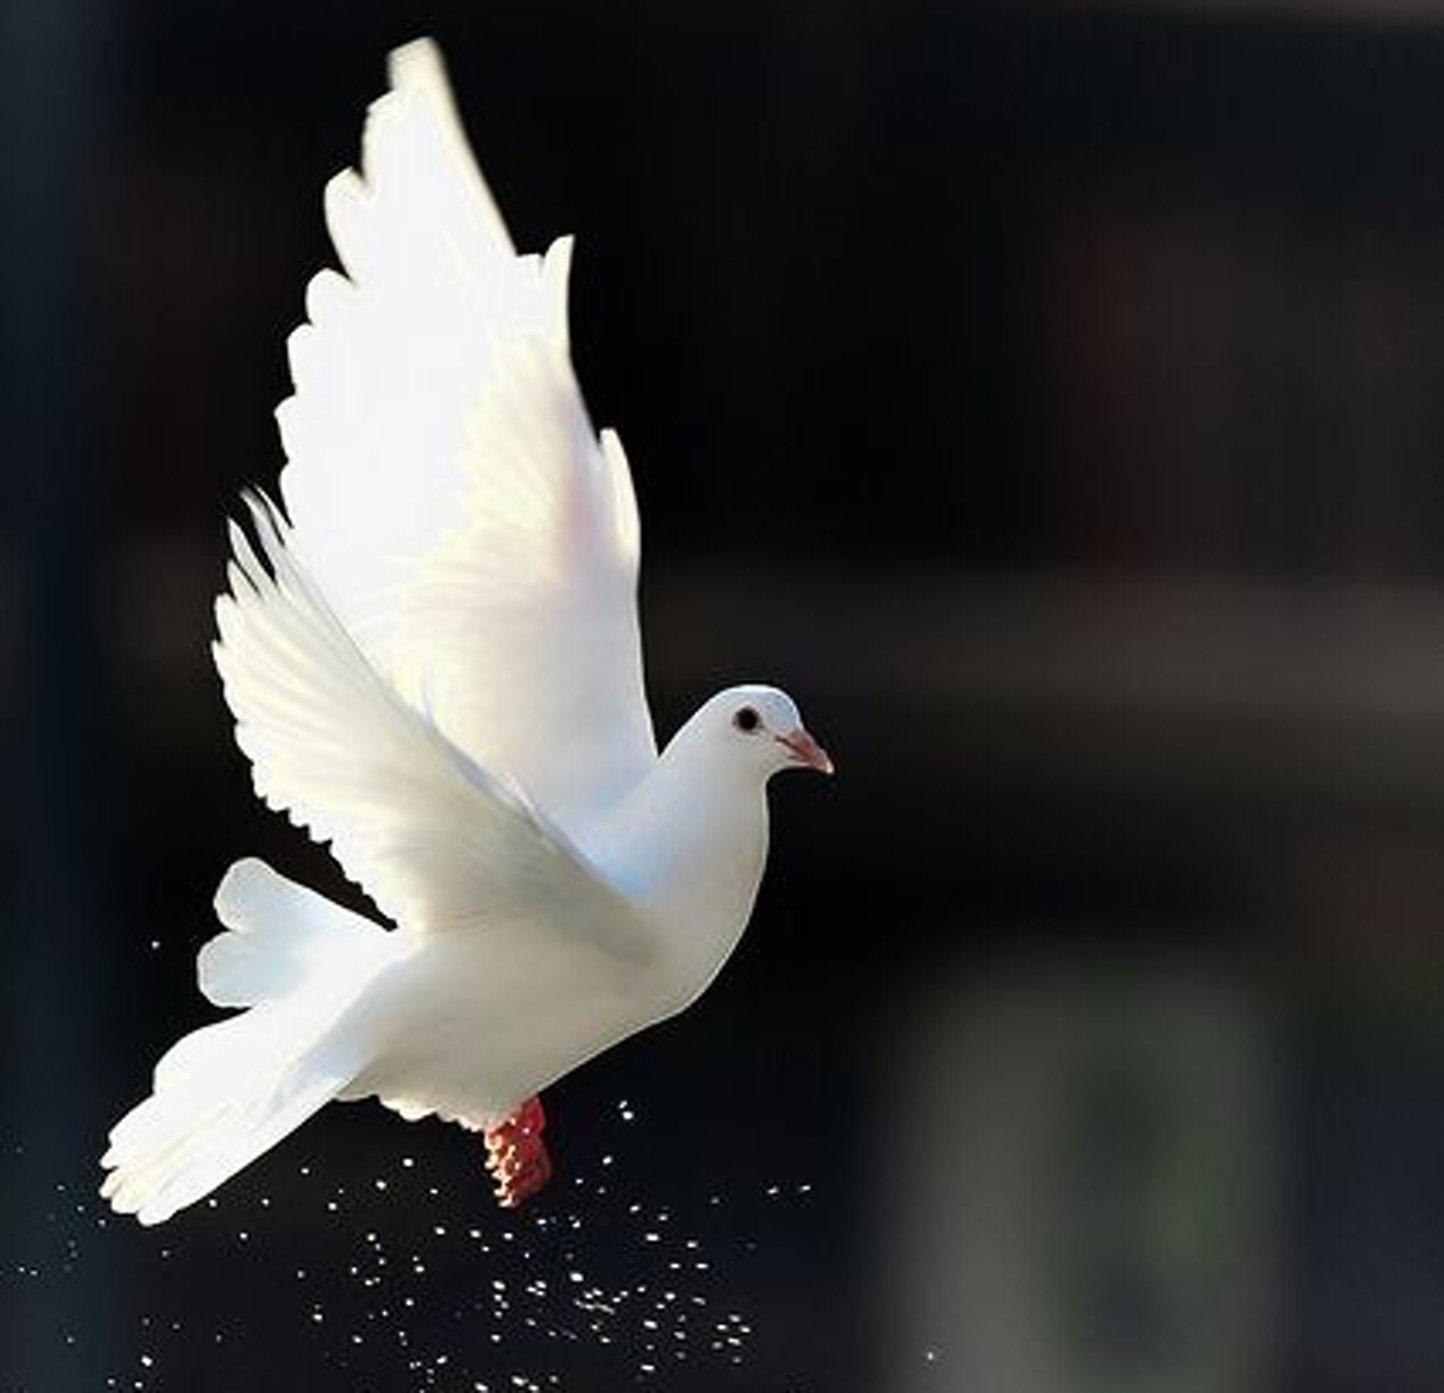 Love Dove Beautiful Wallpaper : White-dove-beautiful-bird-animal freedom wallpaper 1444x1393 616654 WallpaperUP